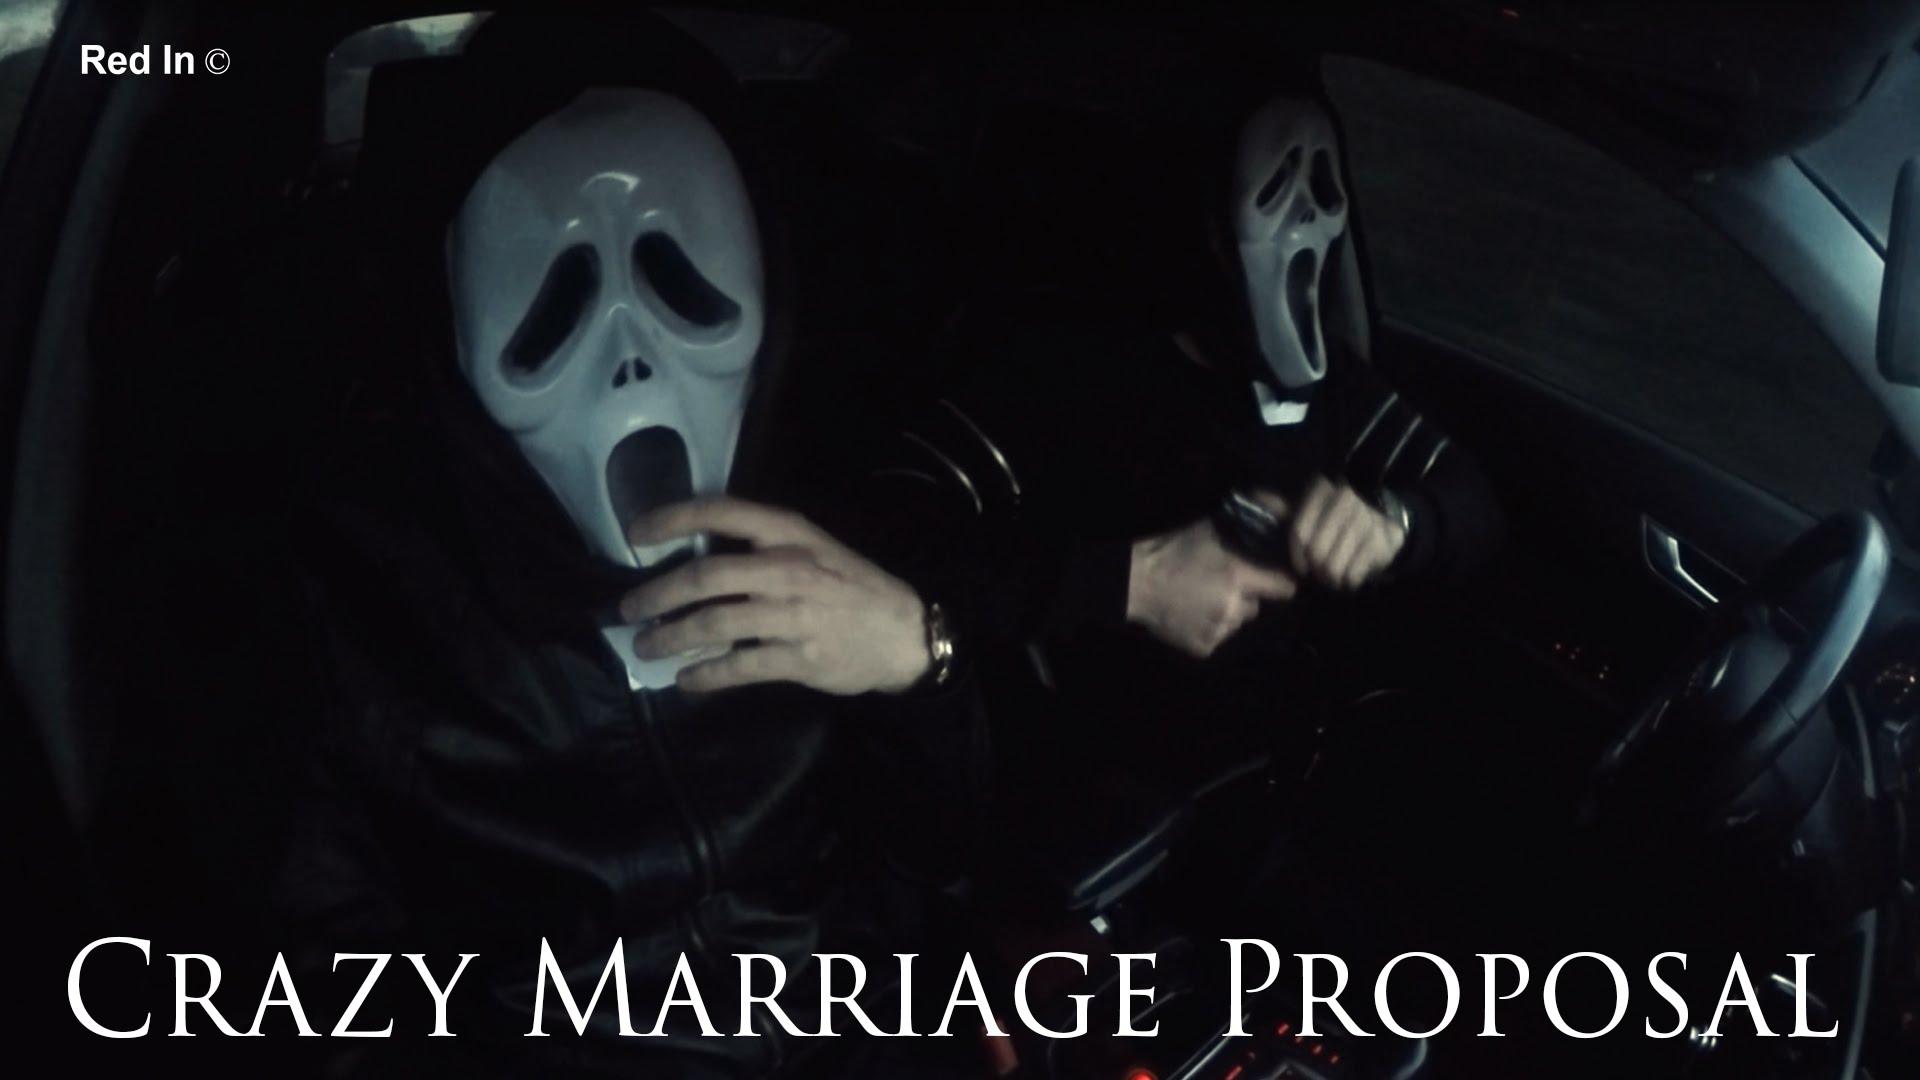 Rijad na neobičan način zaprosio Šejlu, a snimak prosidbe se proširio medijima